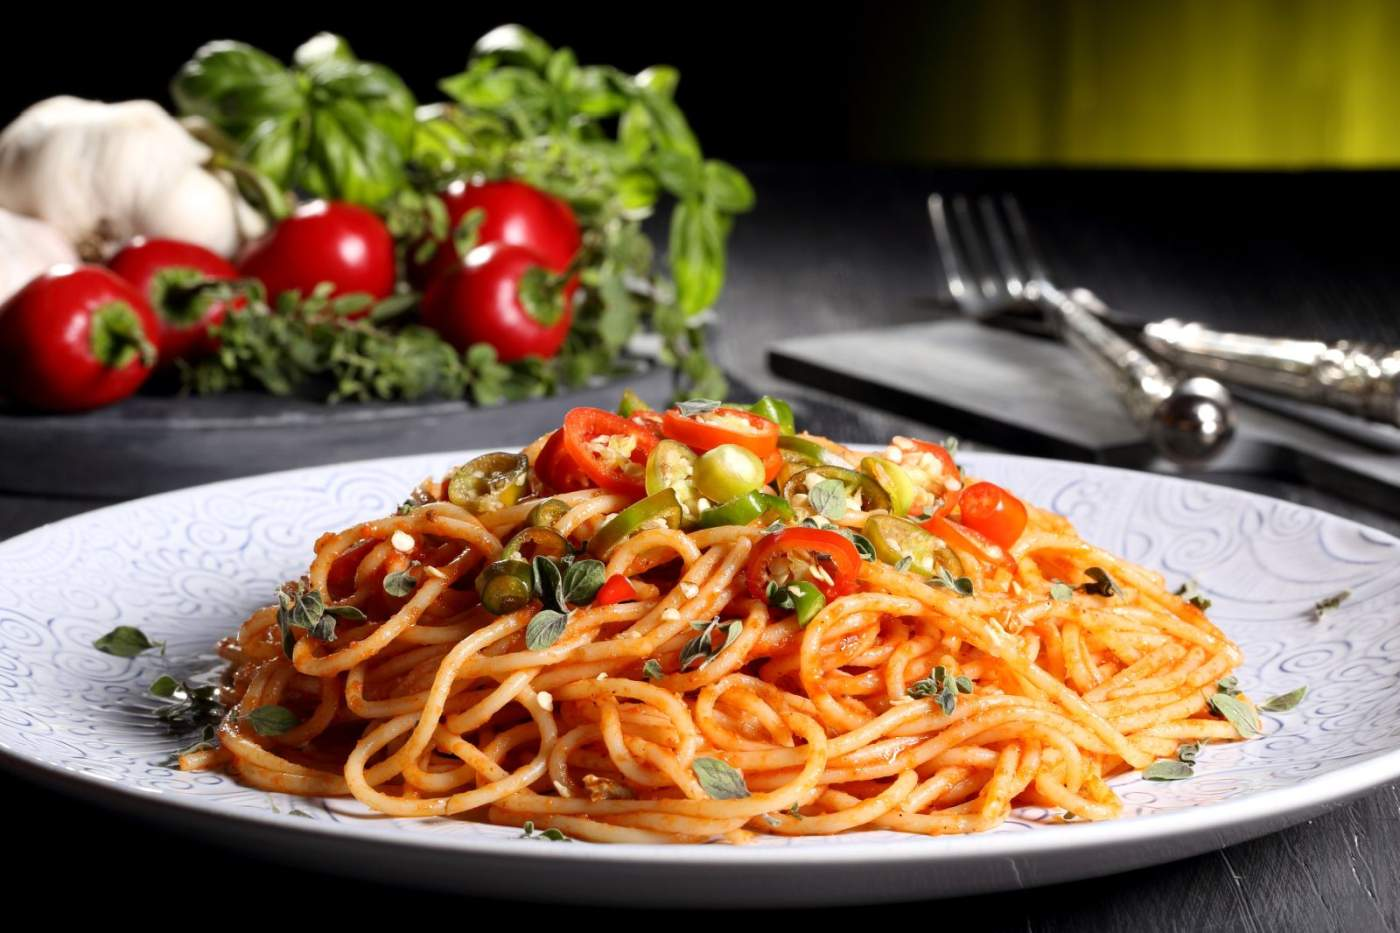 Итальянская паста в мультиварке: готовим правильно